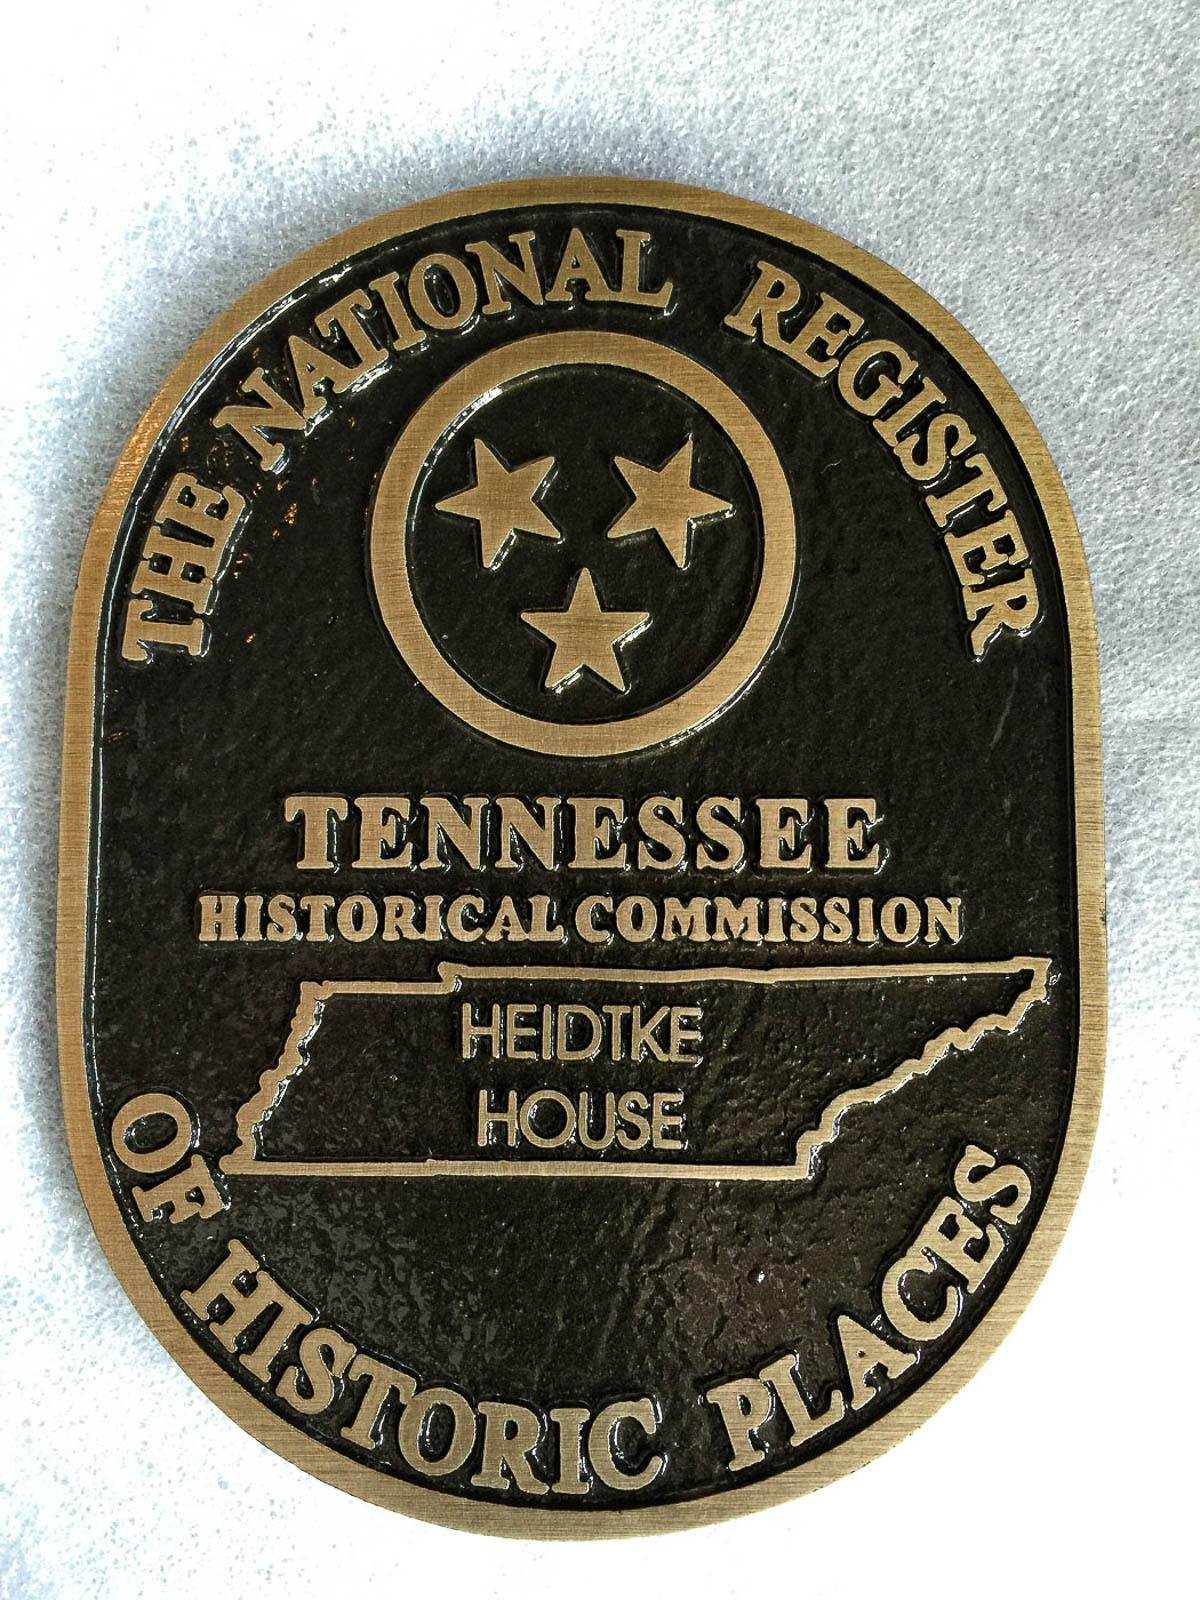 Heidtke House - Nashville, Tennessee